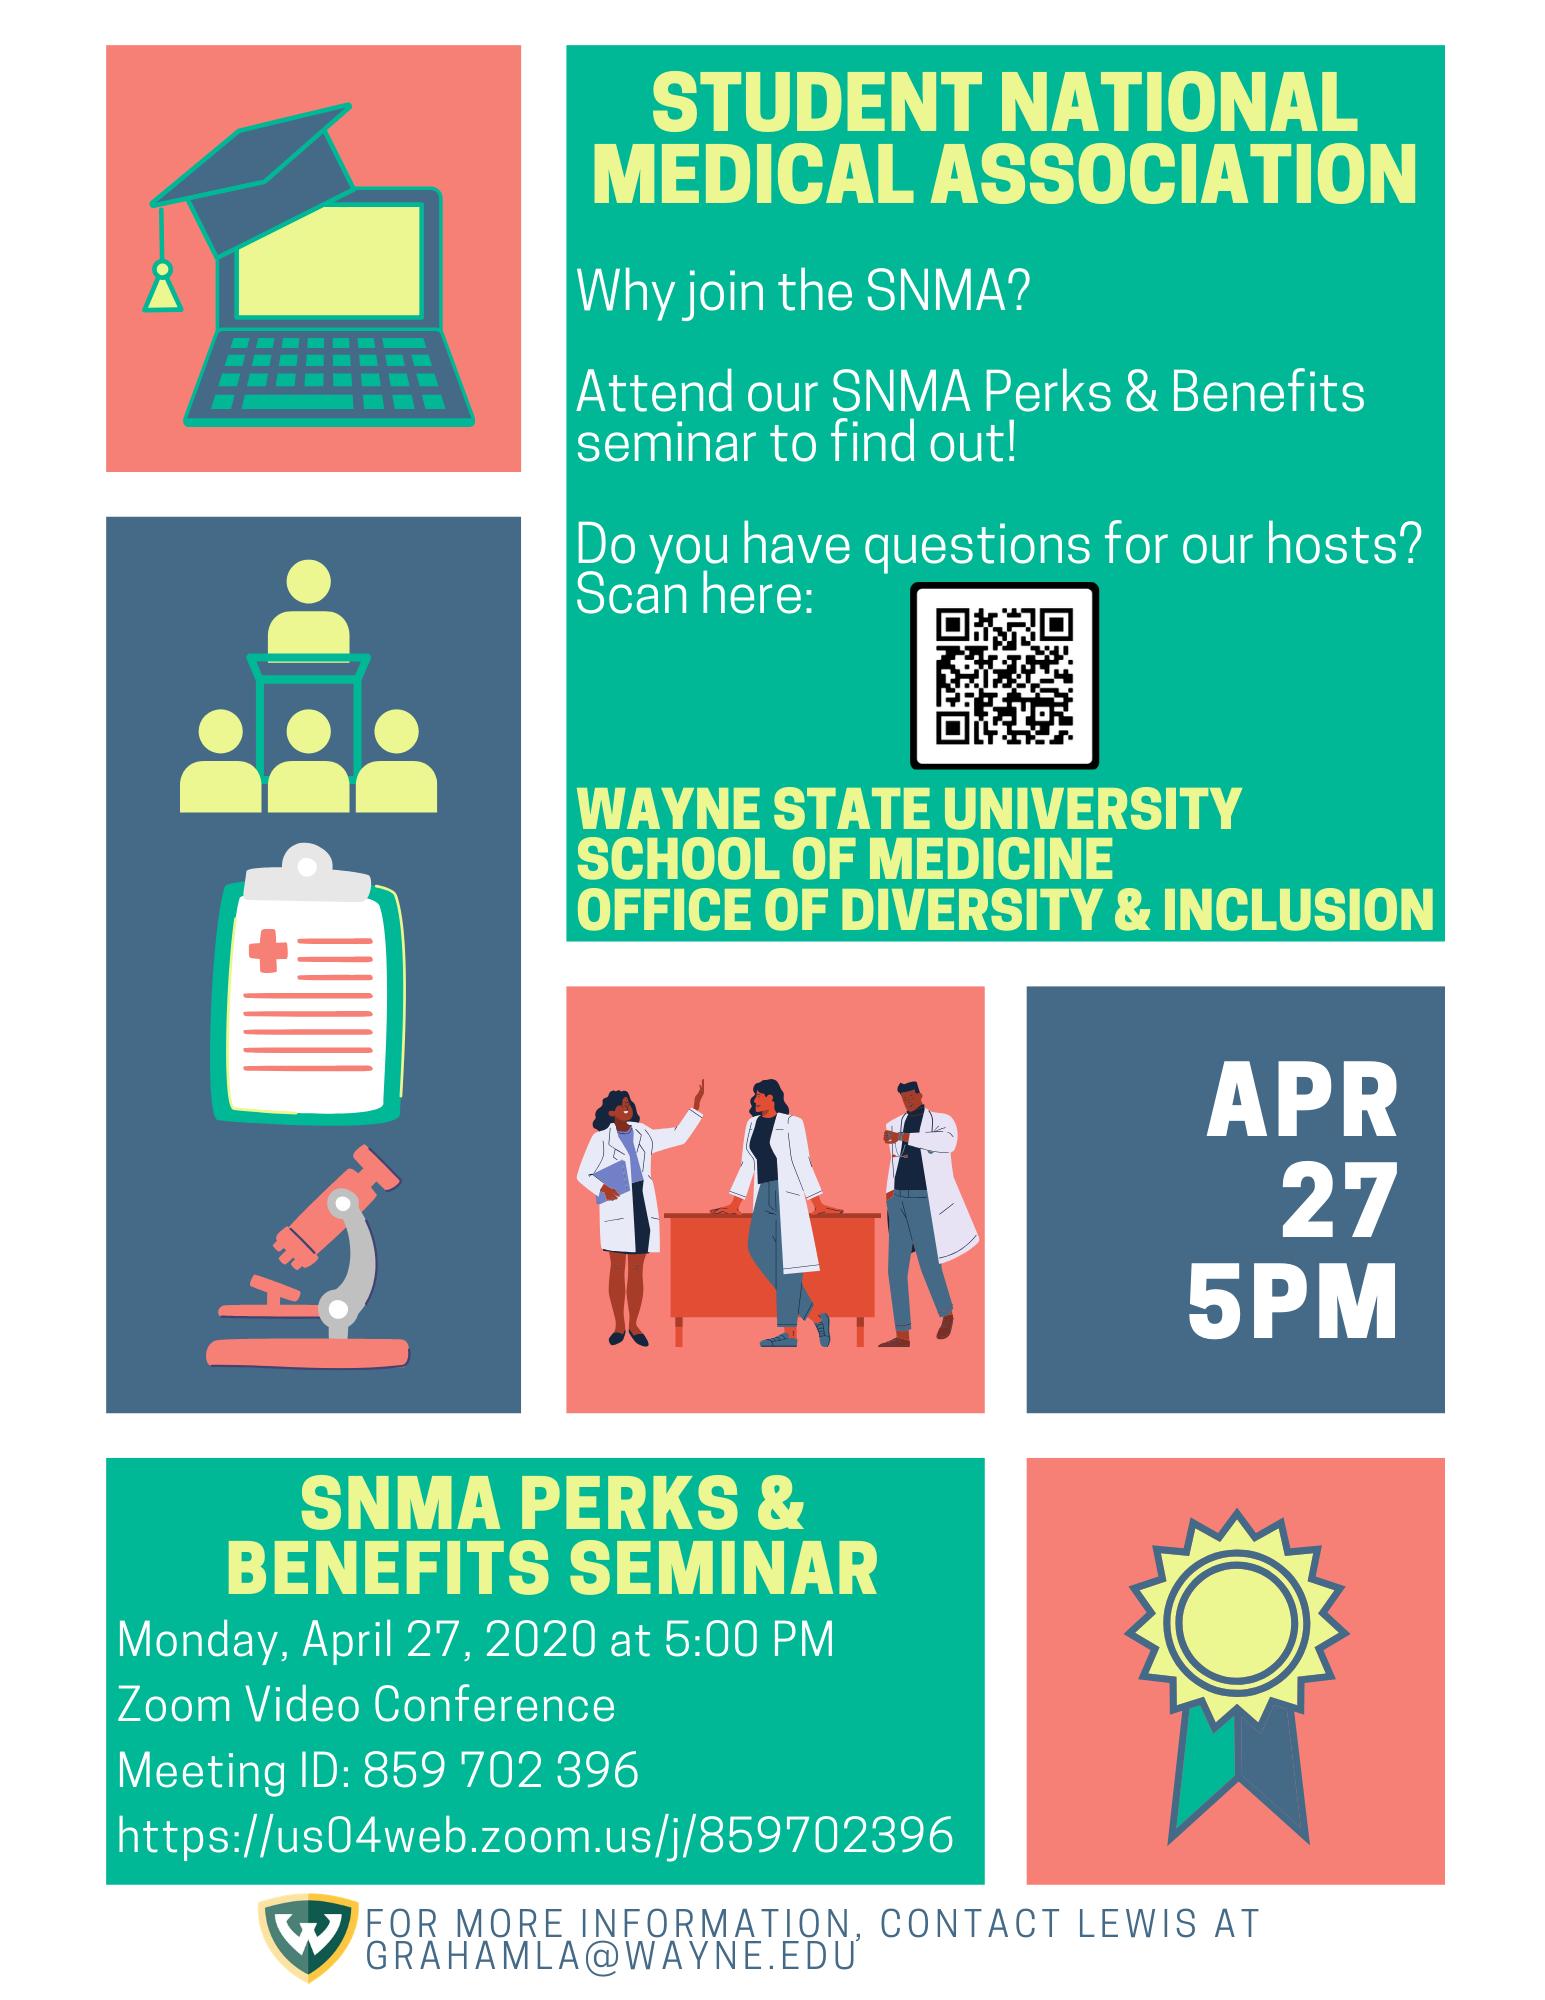 SNMA Perks and Benefits Seminar